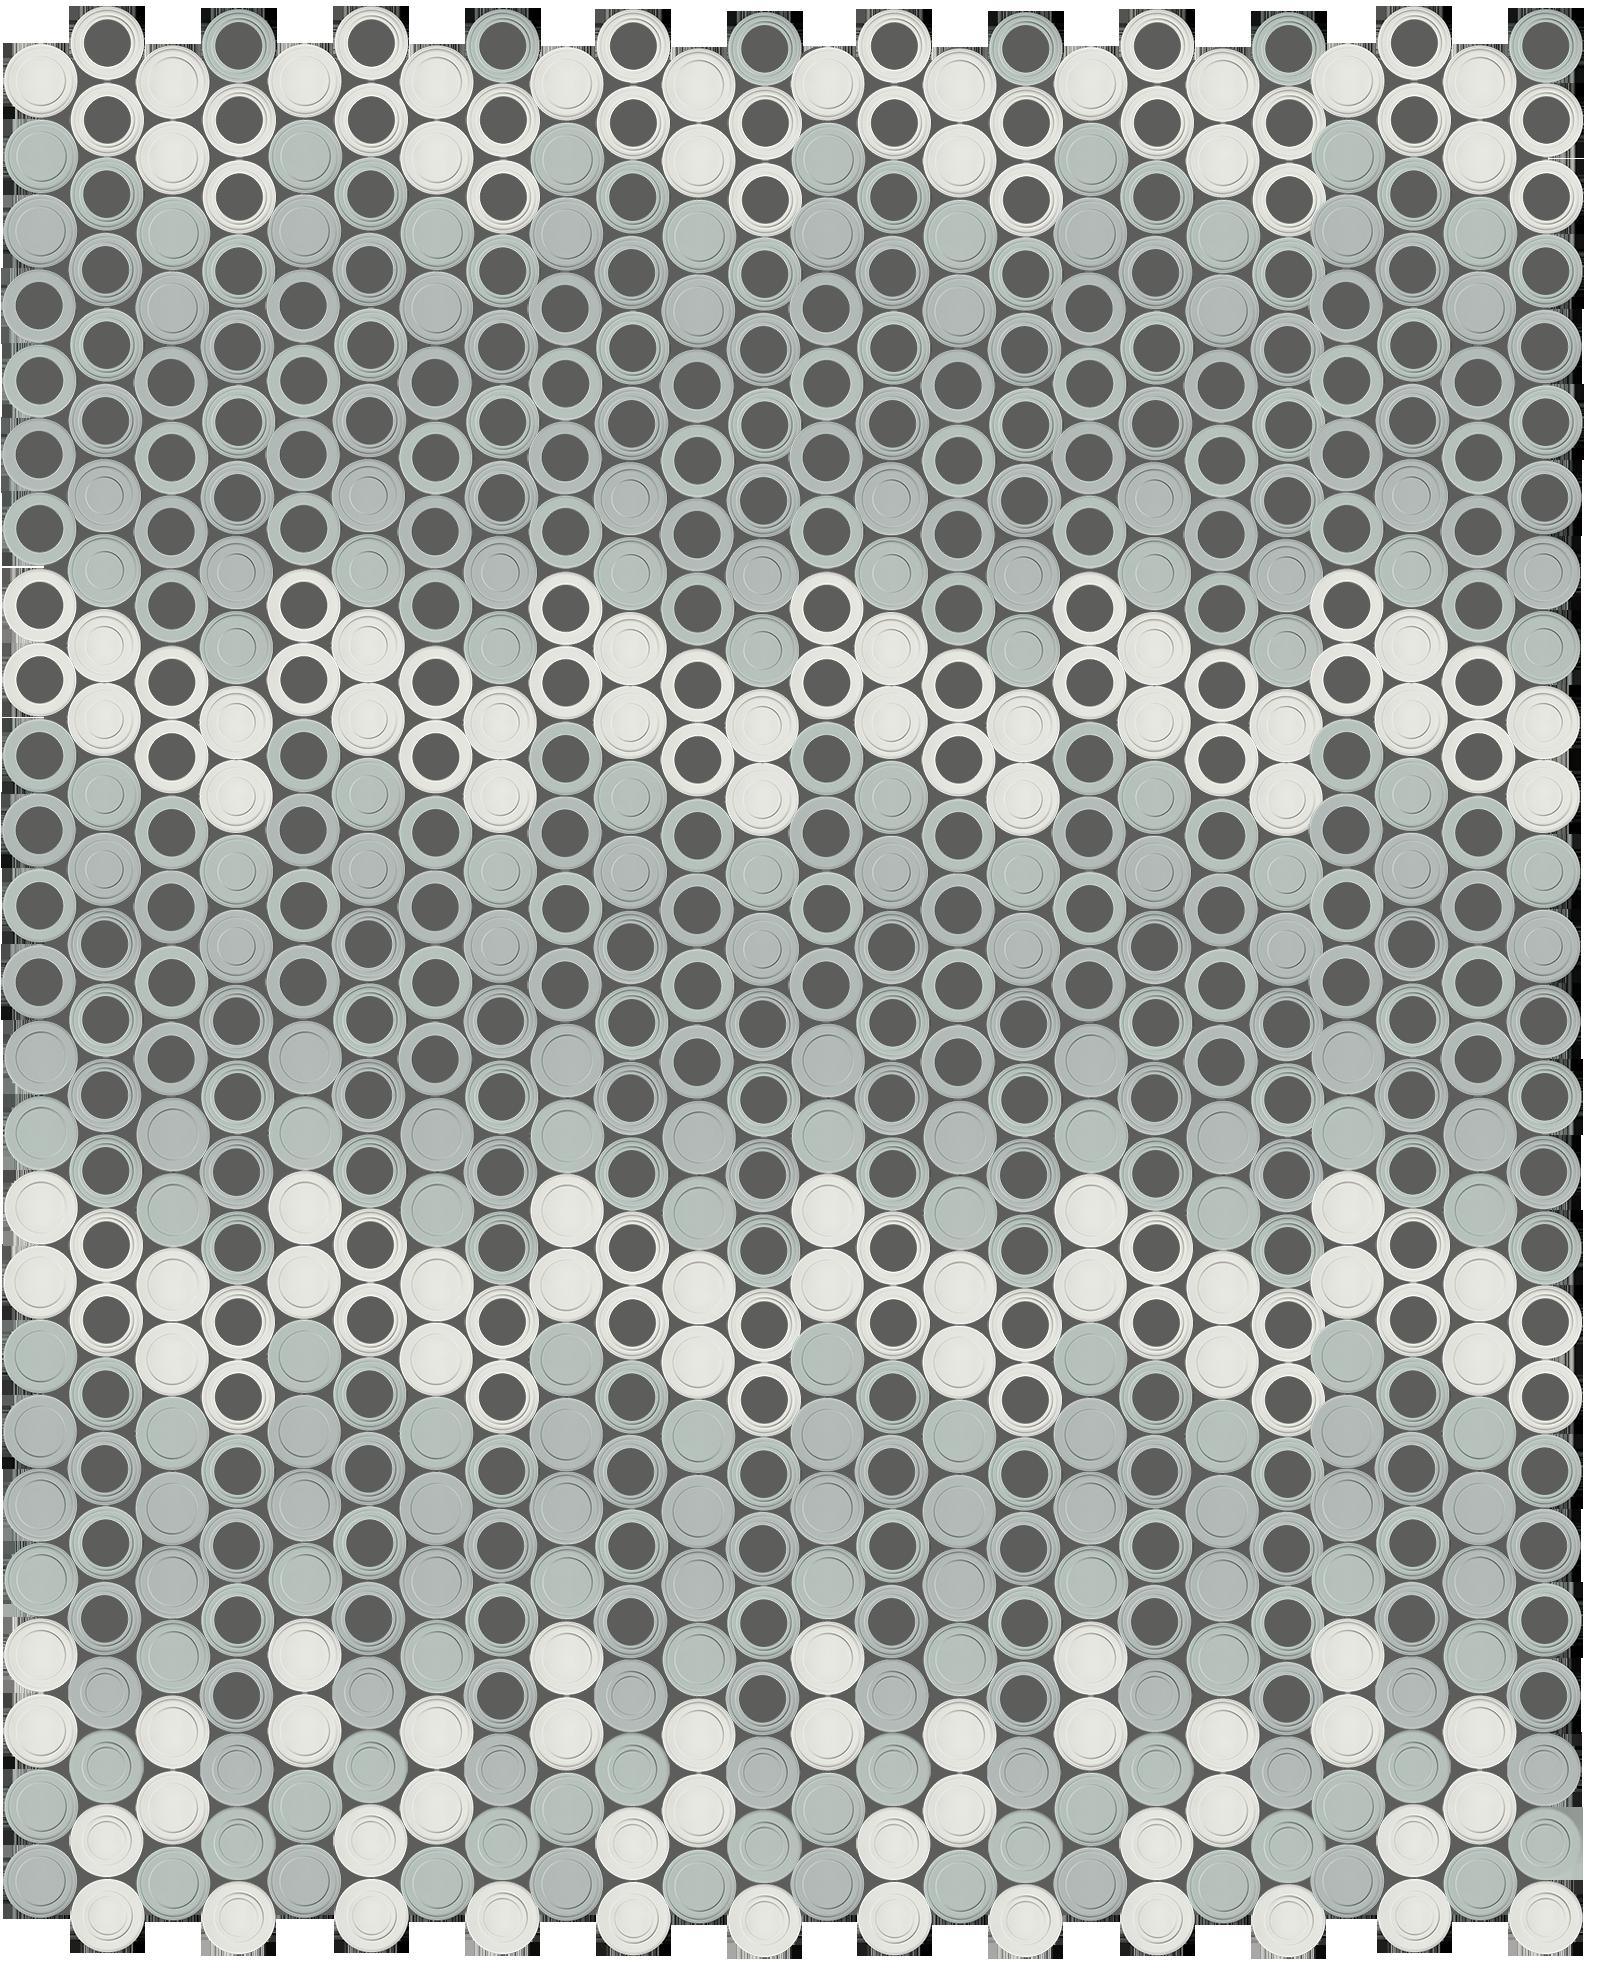 R1-R6 : Pattern E